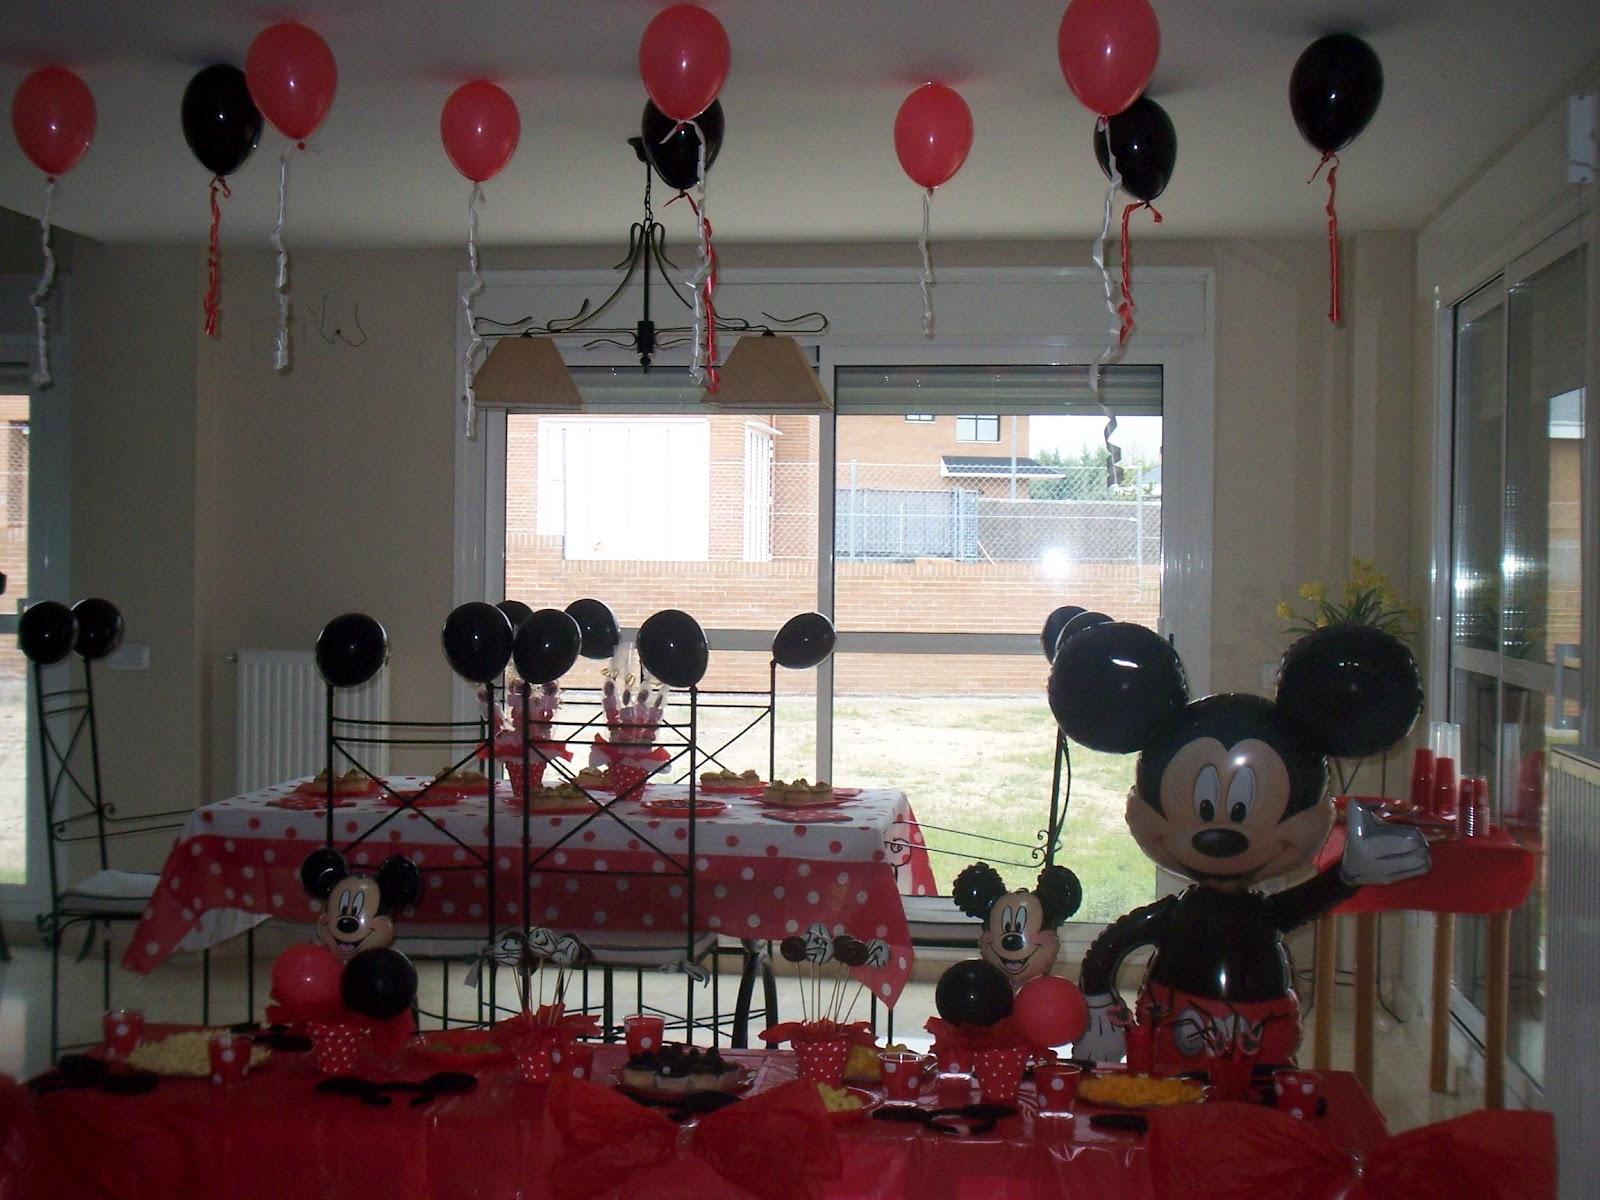 De mickey imagui manualidades con globos mickey mouse ecro - Manualidades con globos ...